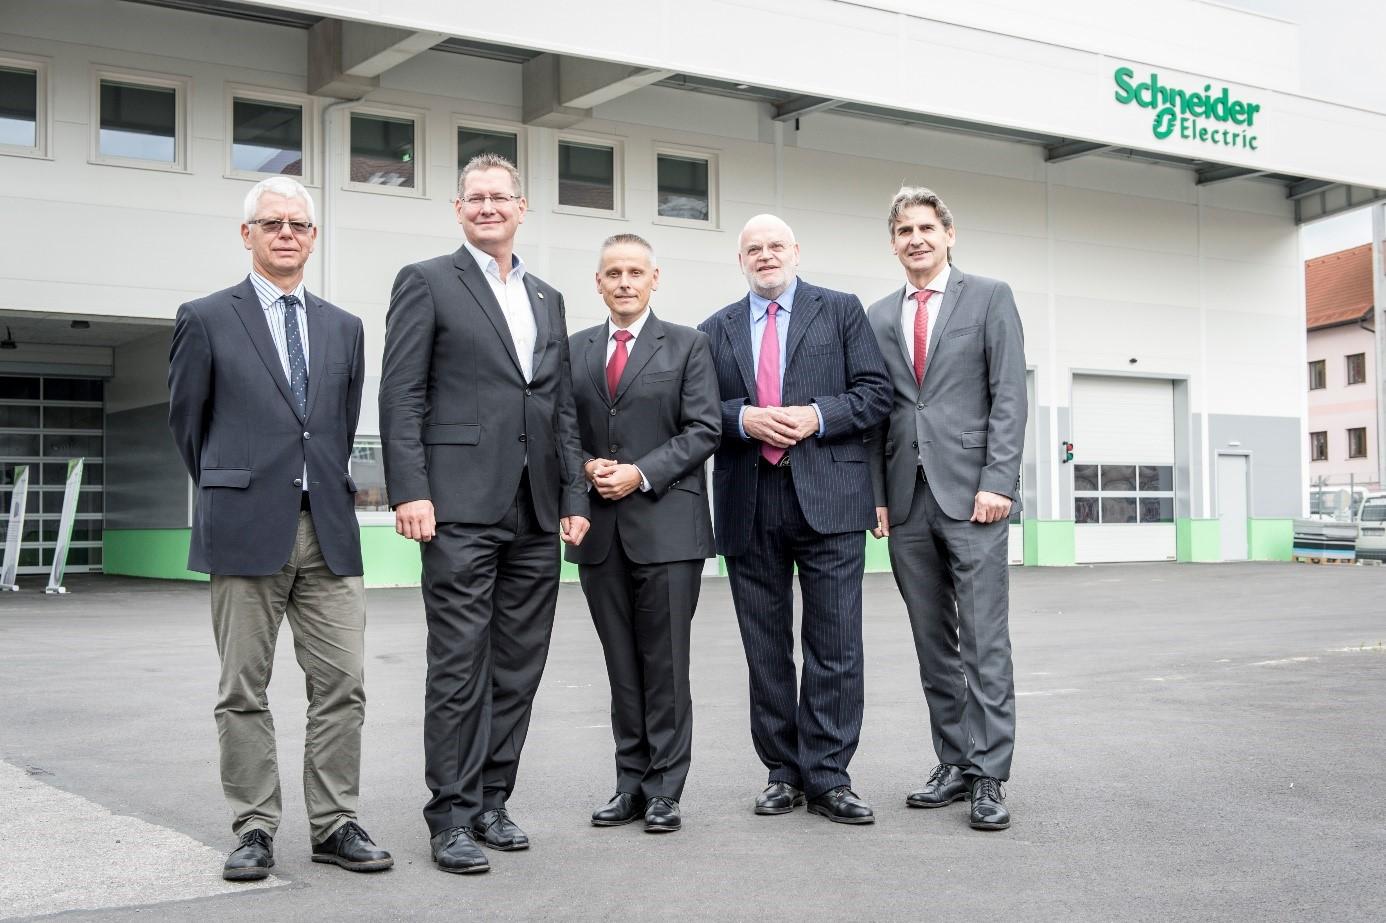 Schneider Electric: Investitionsoffensive in Österreich – Stärkung Standort Wien